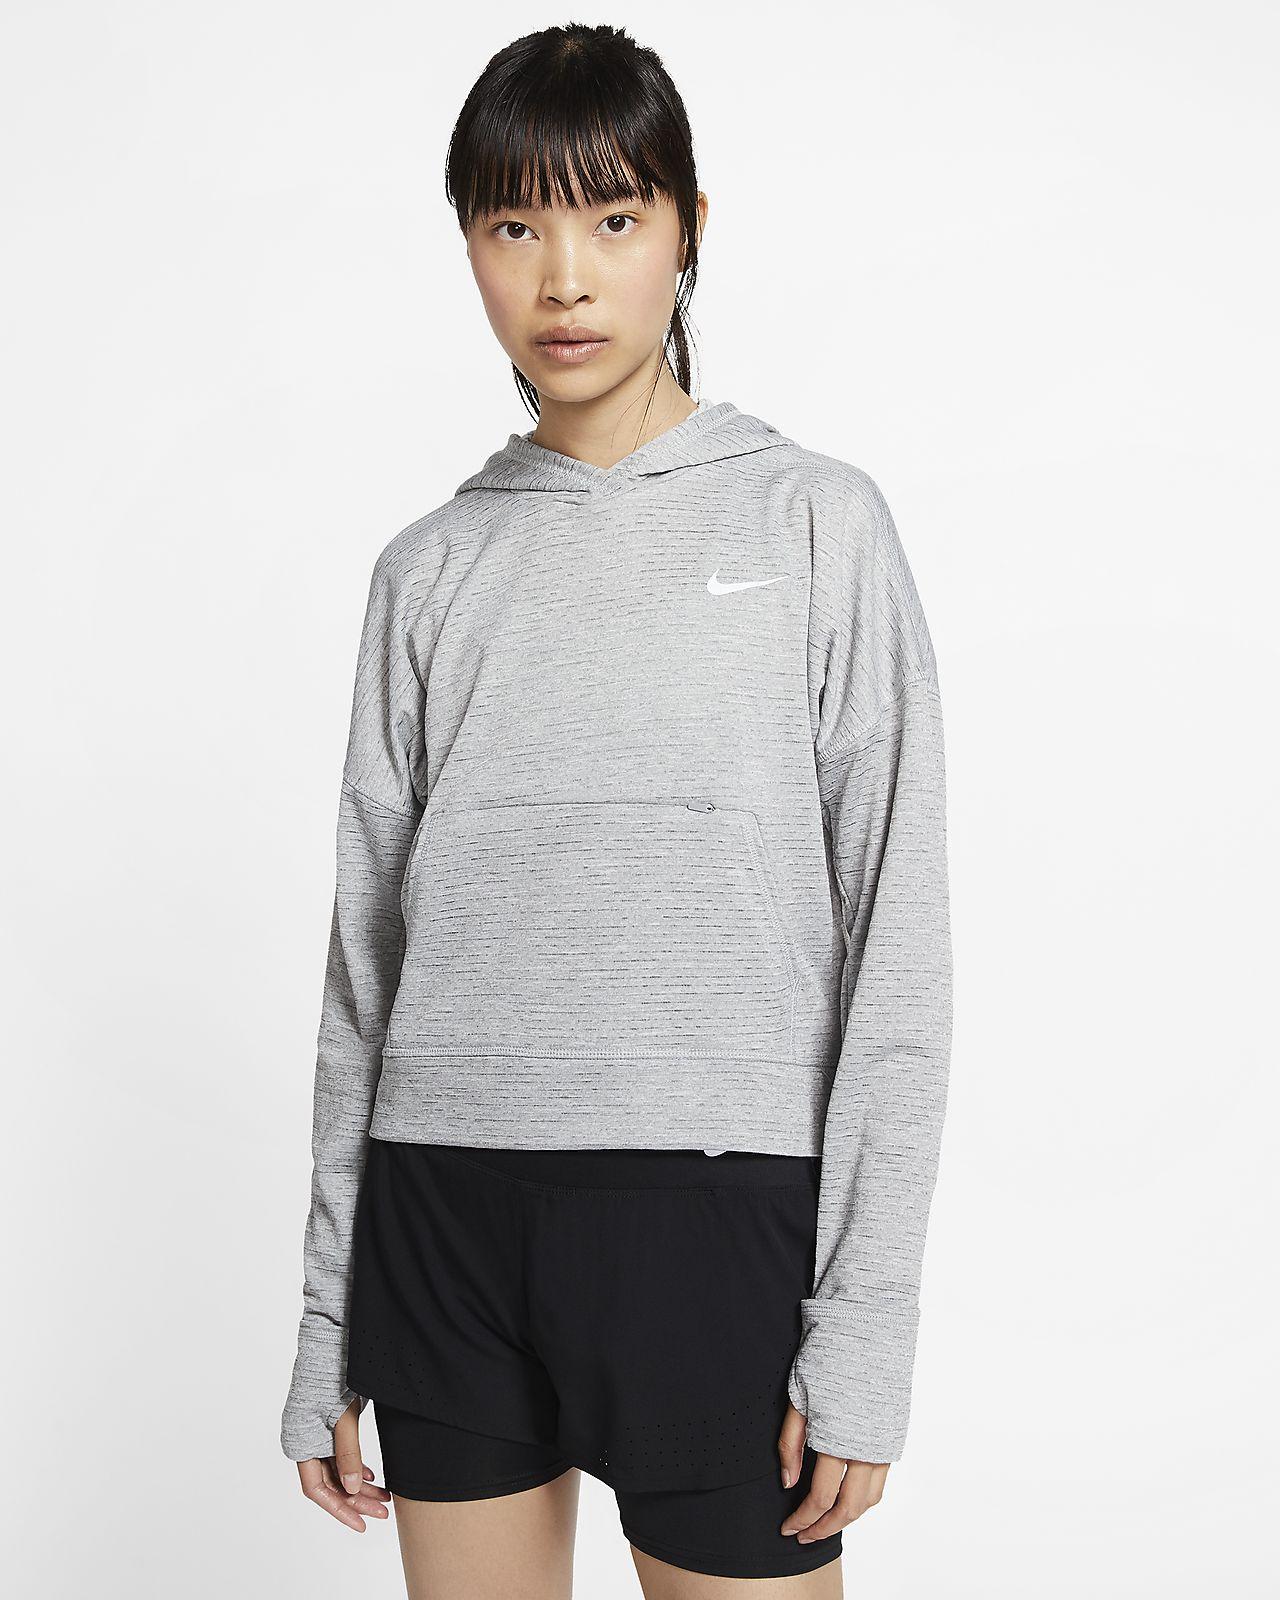 Nike Therma Element 女子跑步连帽衫